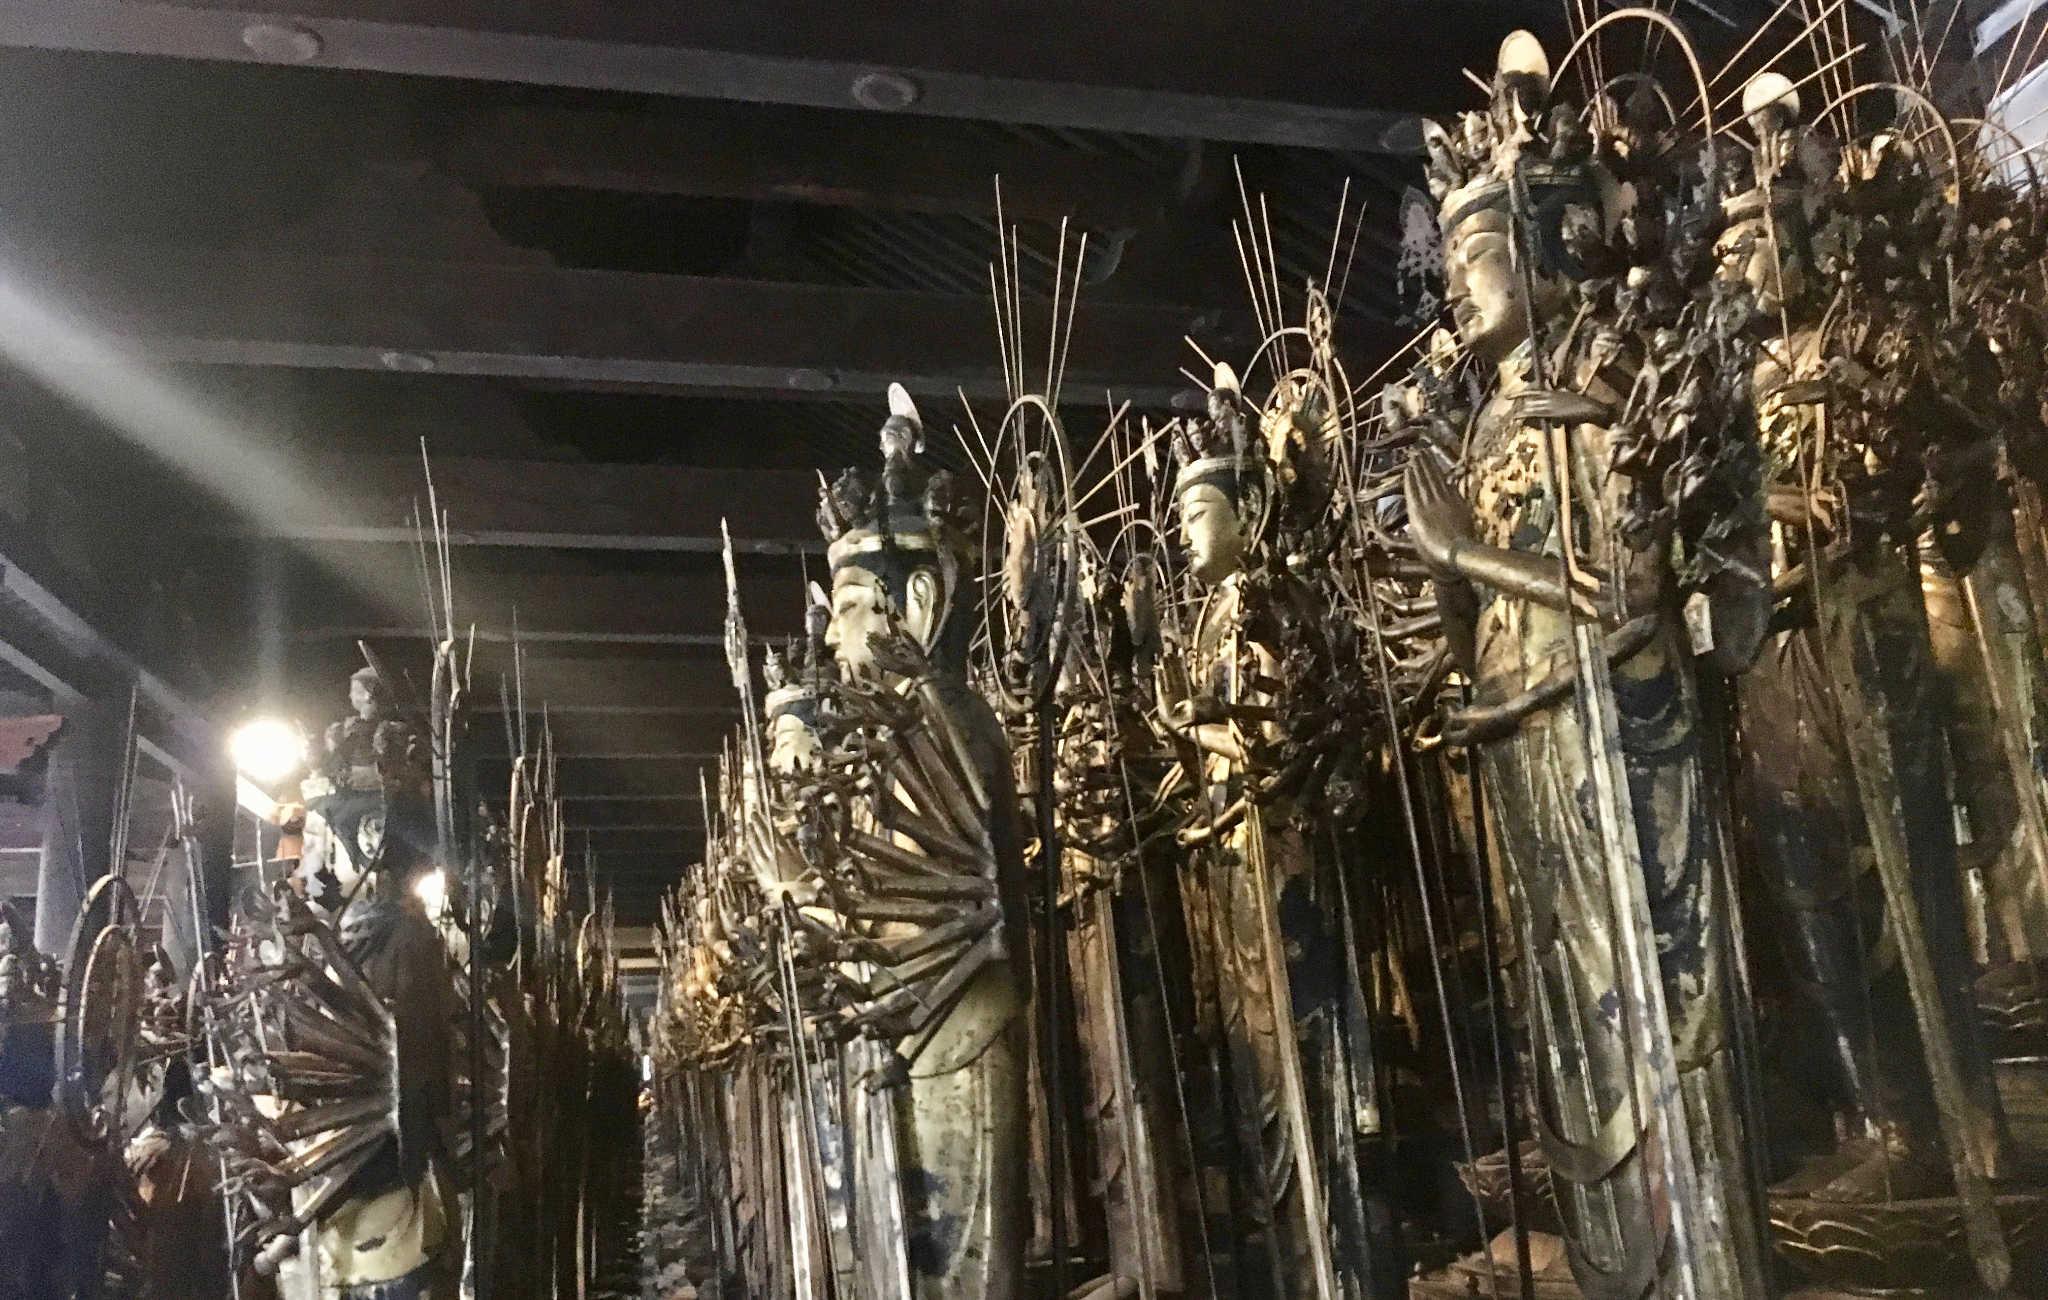 Le spectacle éblouissant des 1000 statues de la déesse Kannon